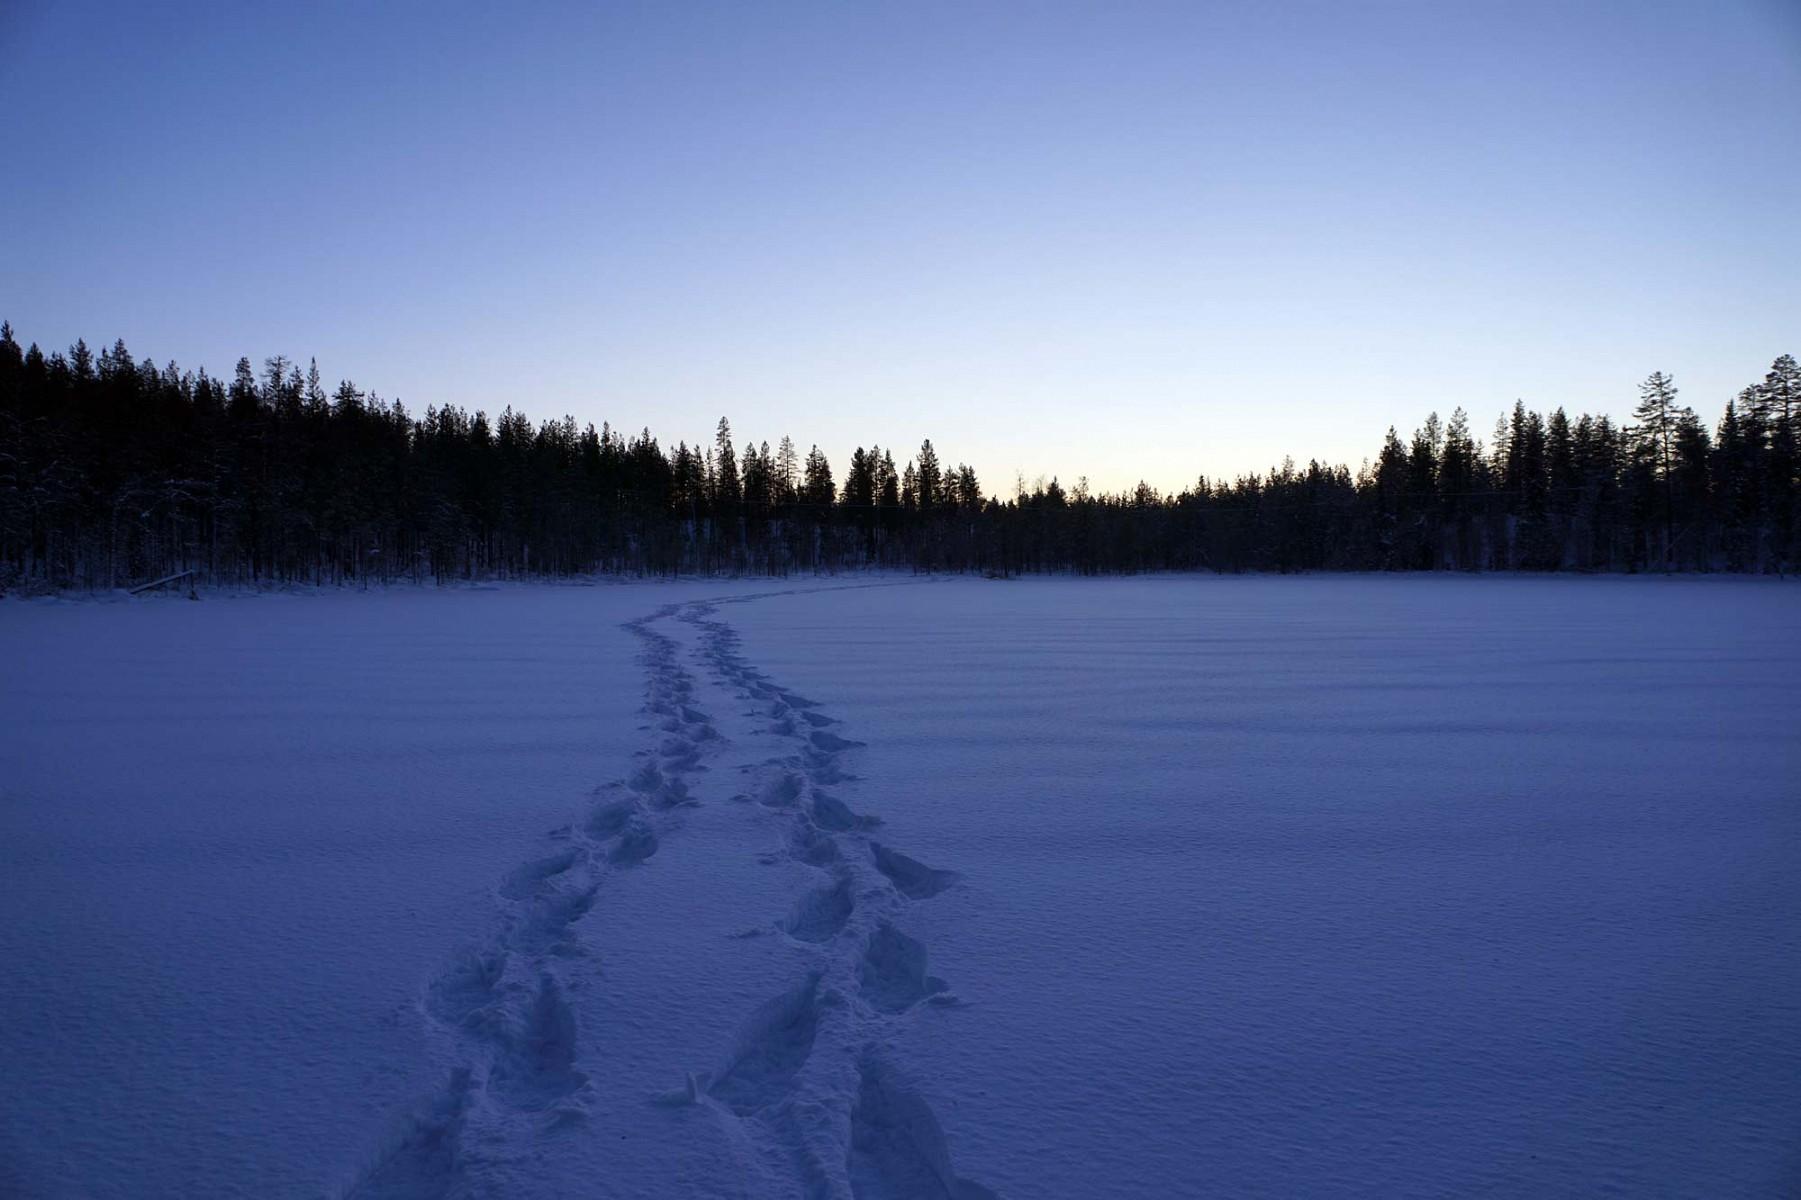 pquotWas-gibt-es-besseres-alsnbspsich-einen-Weg-uumlber-die-Seen-im-Oulanka-Nationalpark-zu-suchen---und-dann-einfach-mitten-in-die-Waumllder-von-Juum-hineinquotp